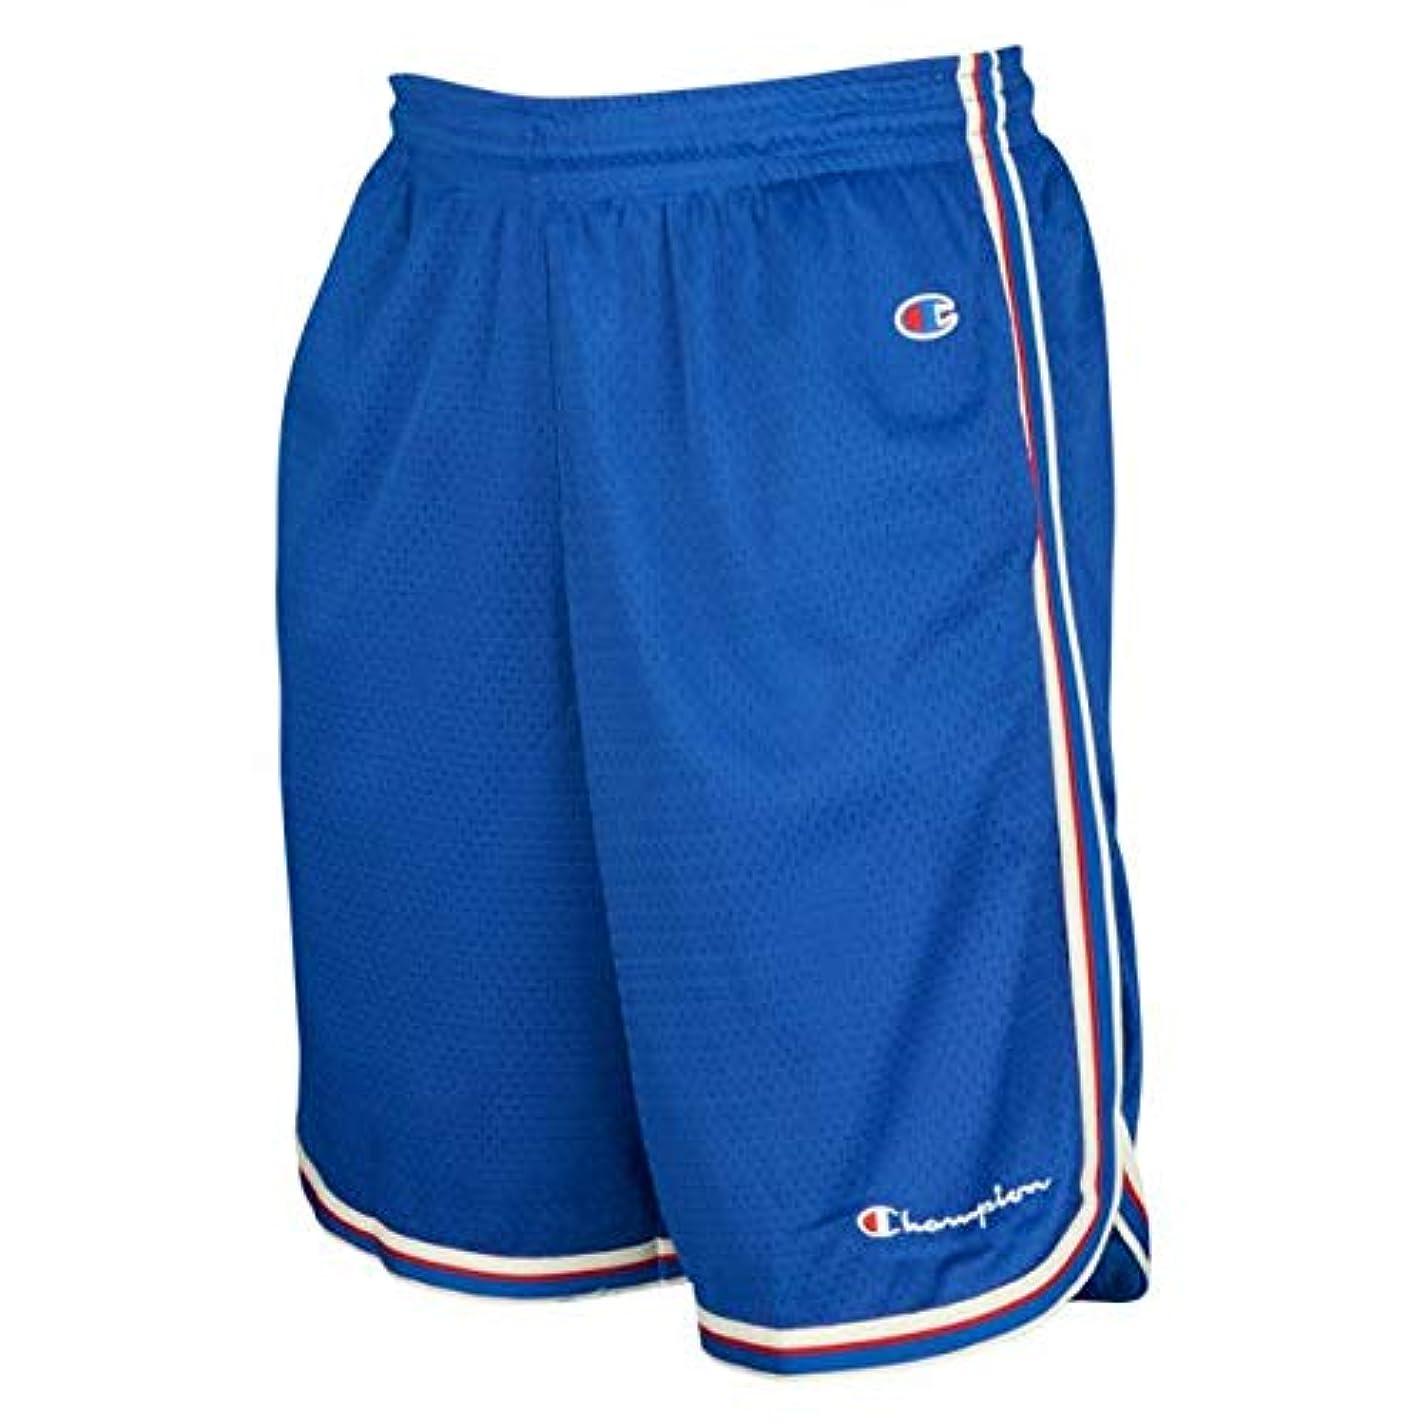 メタン砂利薄いです(チャンピオン)Champion Core Basketball Shorts メンズ ショーツ [並行輸入品]